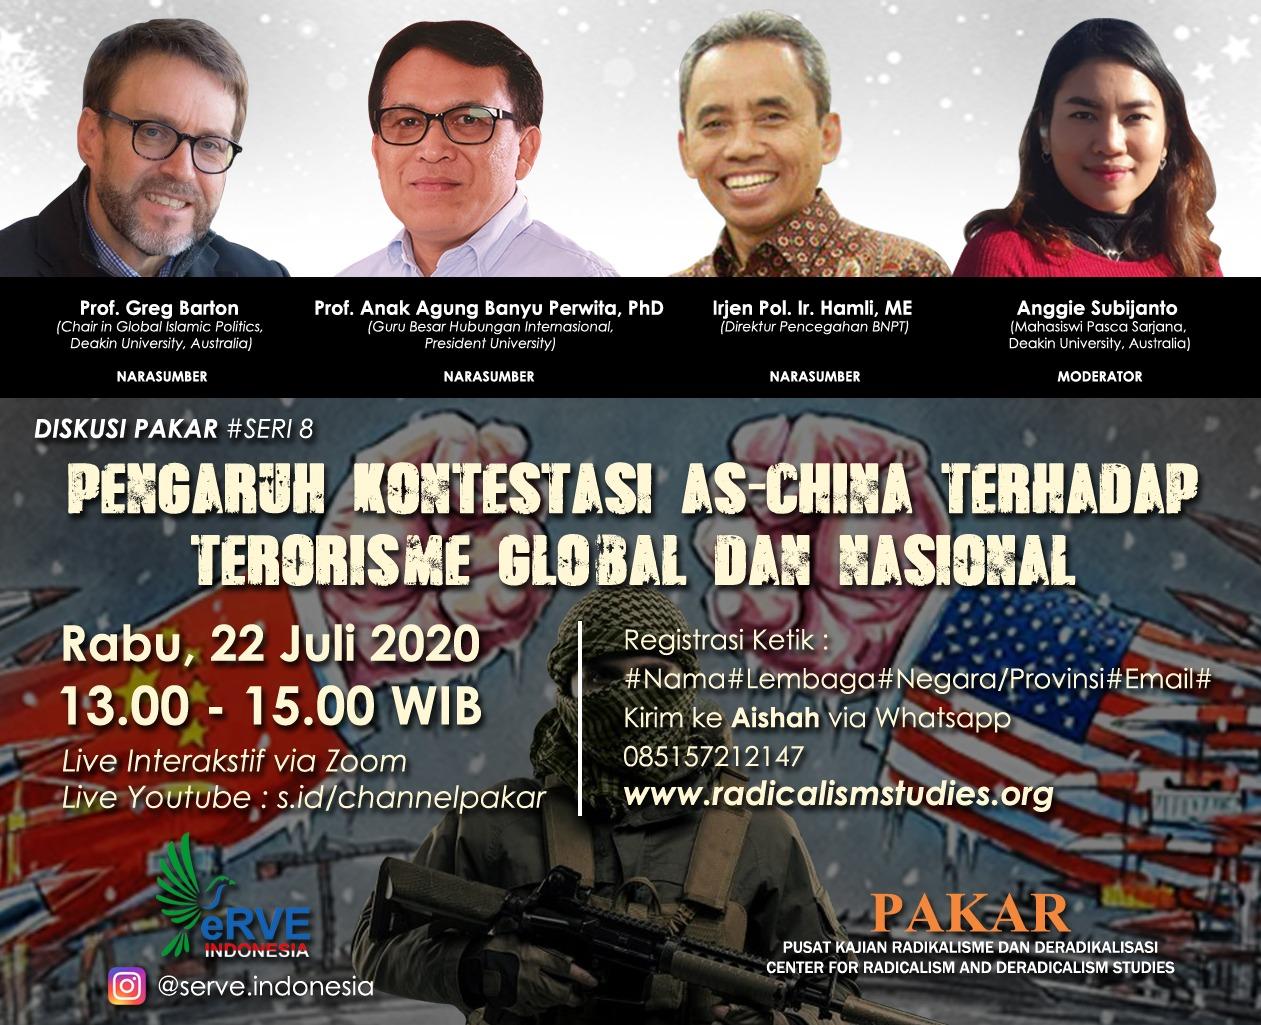 8th Webinar: Pengaruh Kontestasi AS-China terhadap Terorisme Global dan Nasional